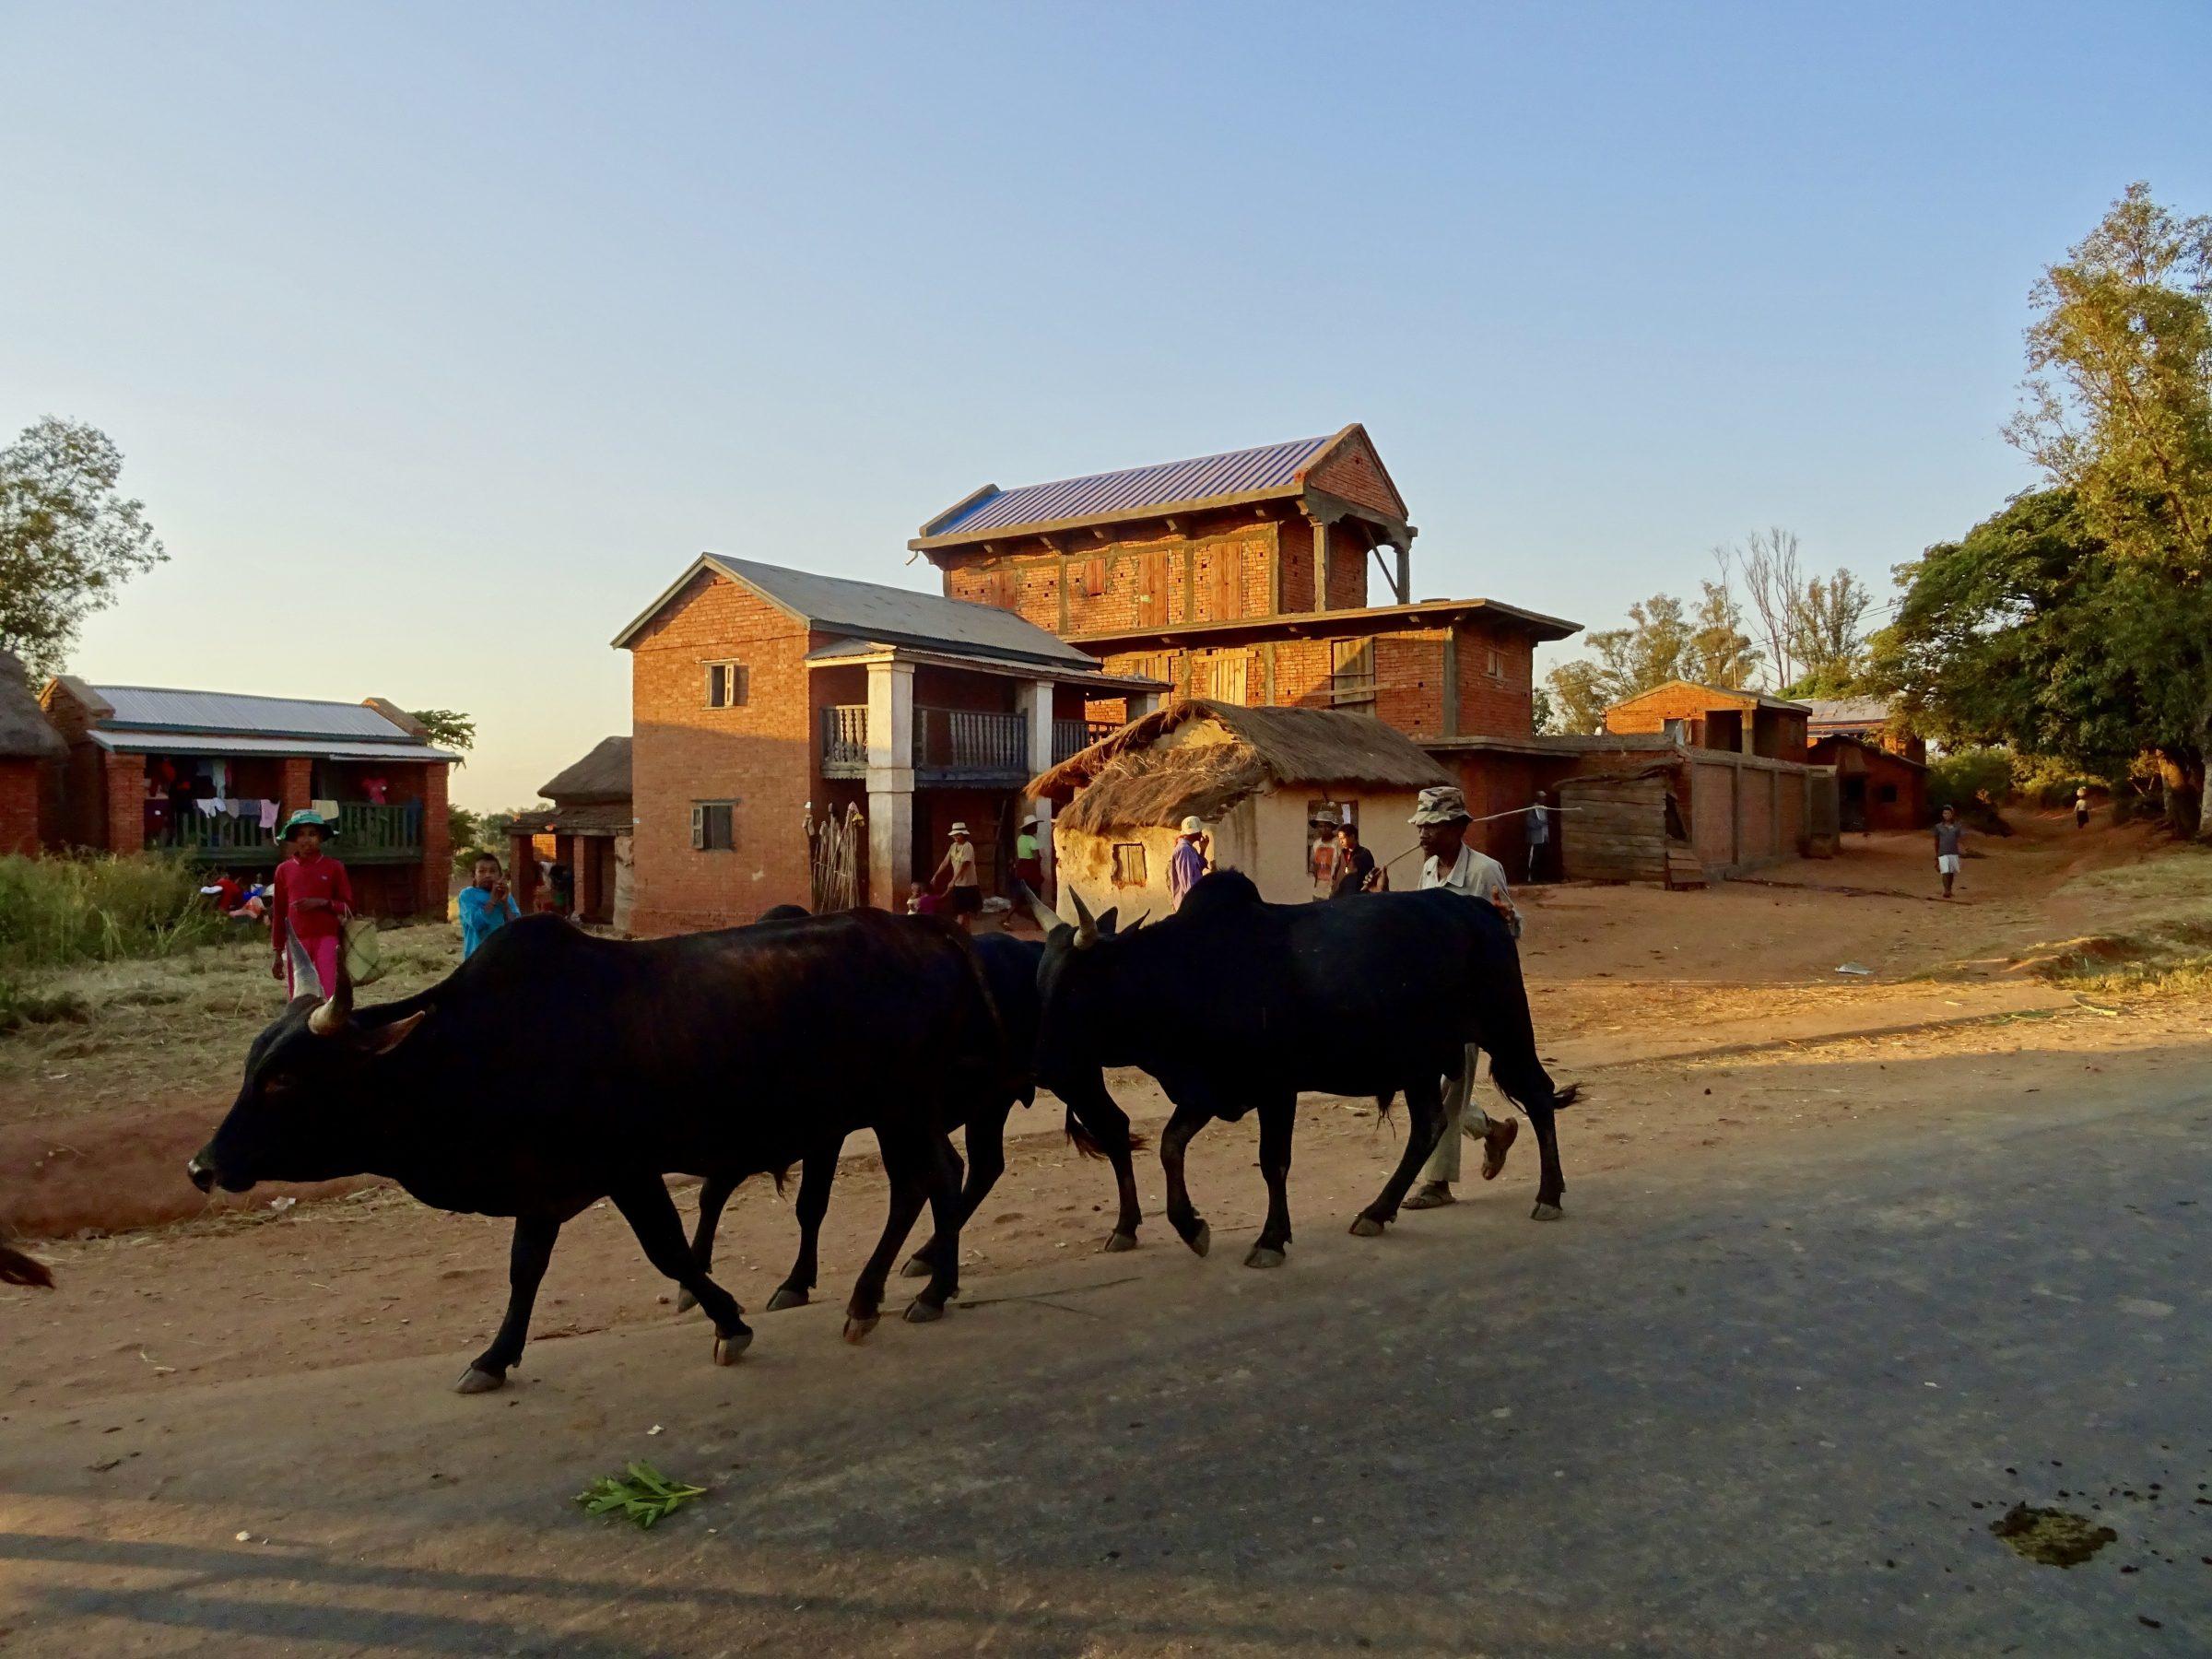 Een paar zeboes met herder op weg naar huis nabij Antsirabe